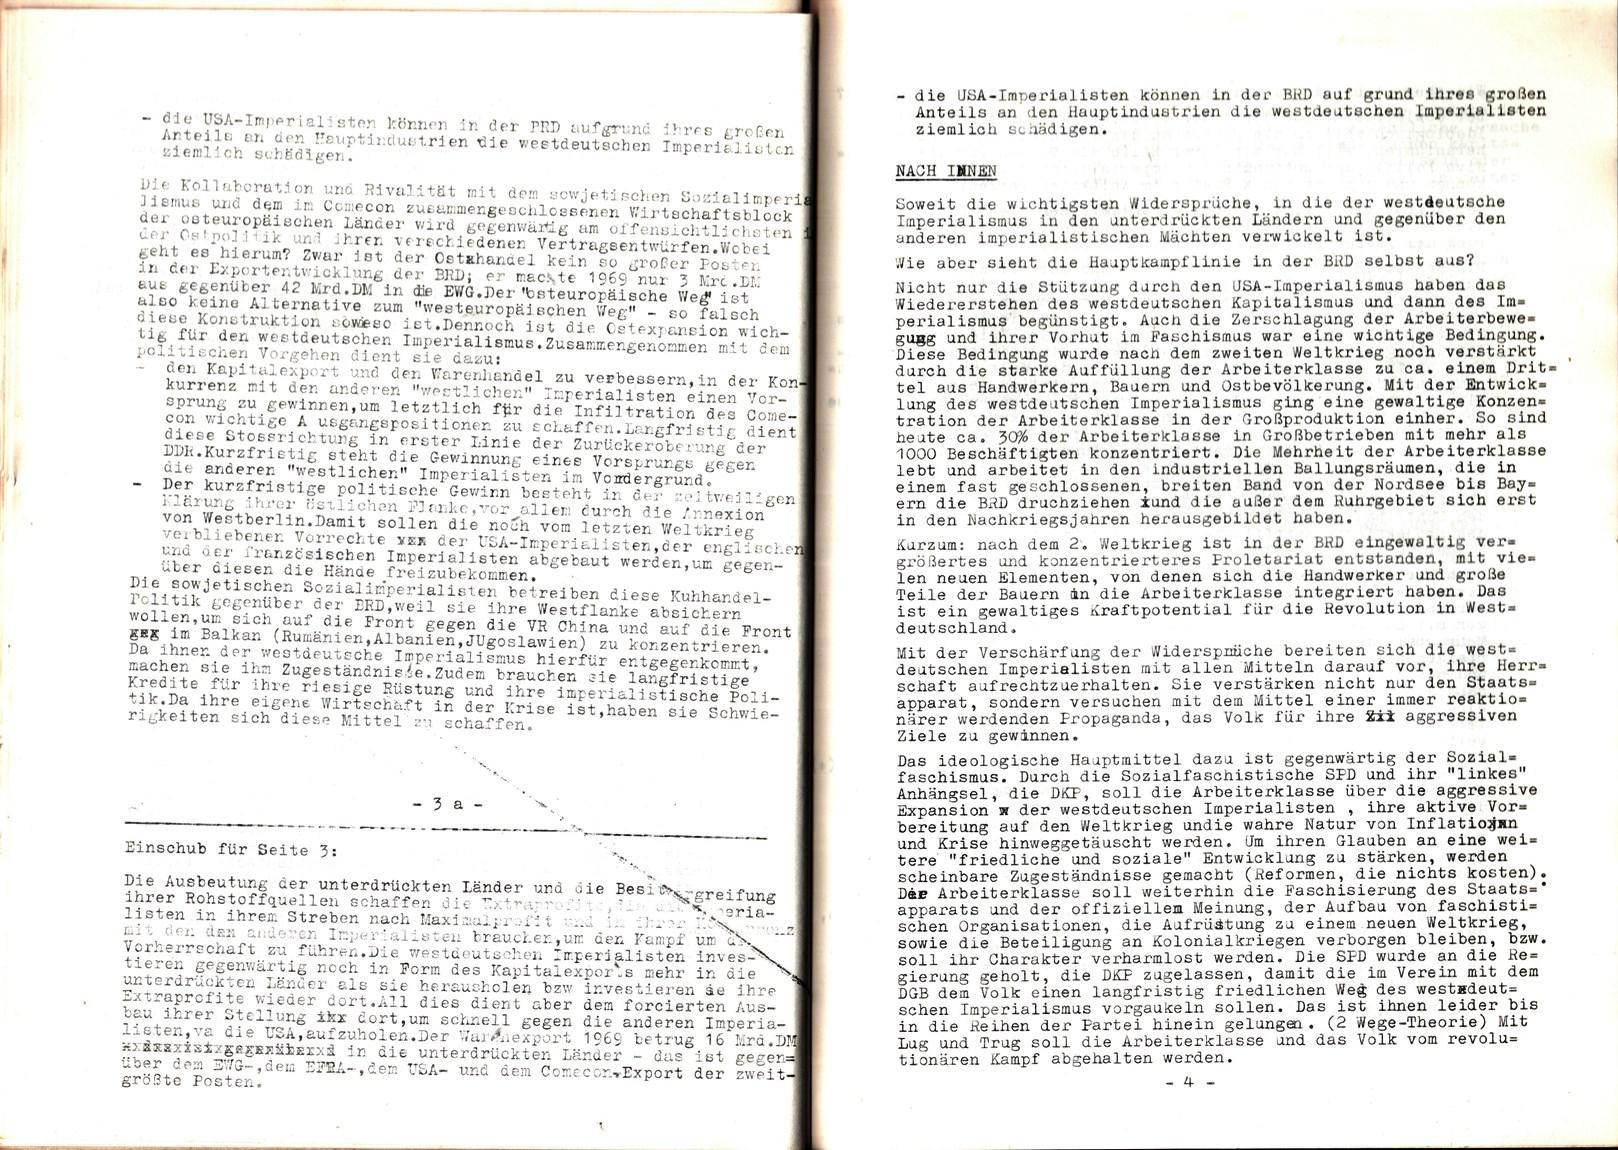 KPDML_1971_Analysen_und_Antraege_des_LV_Sued_West_045